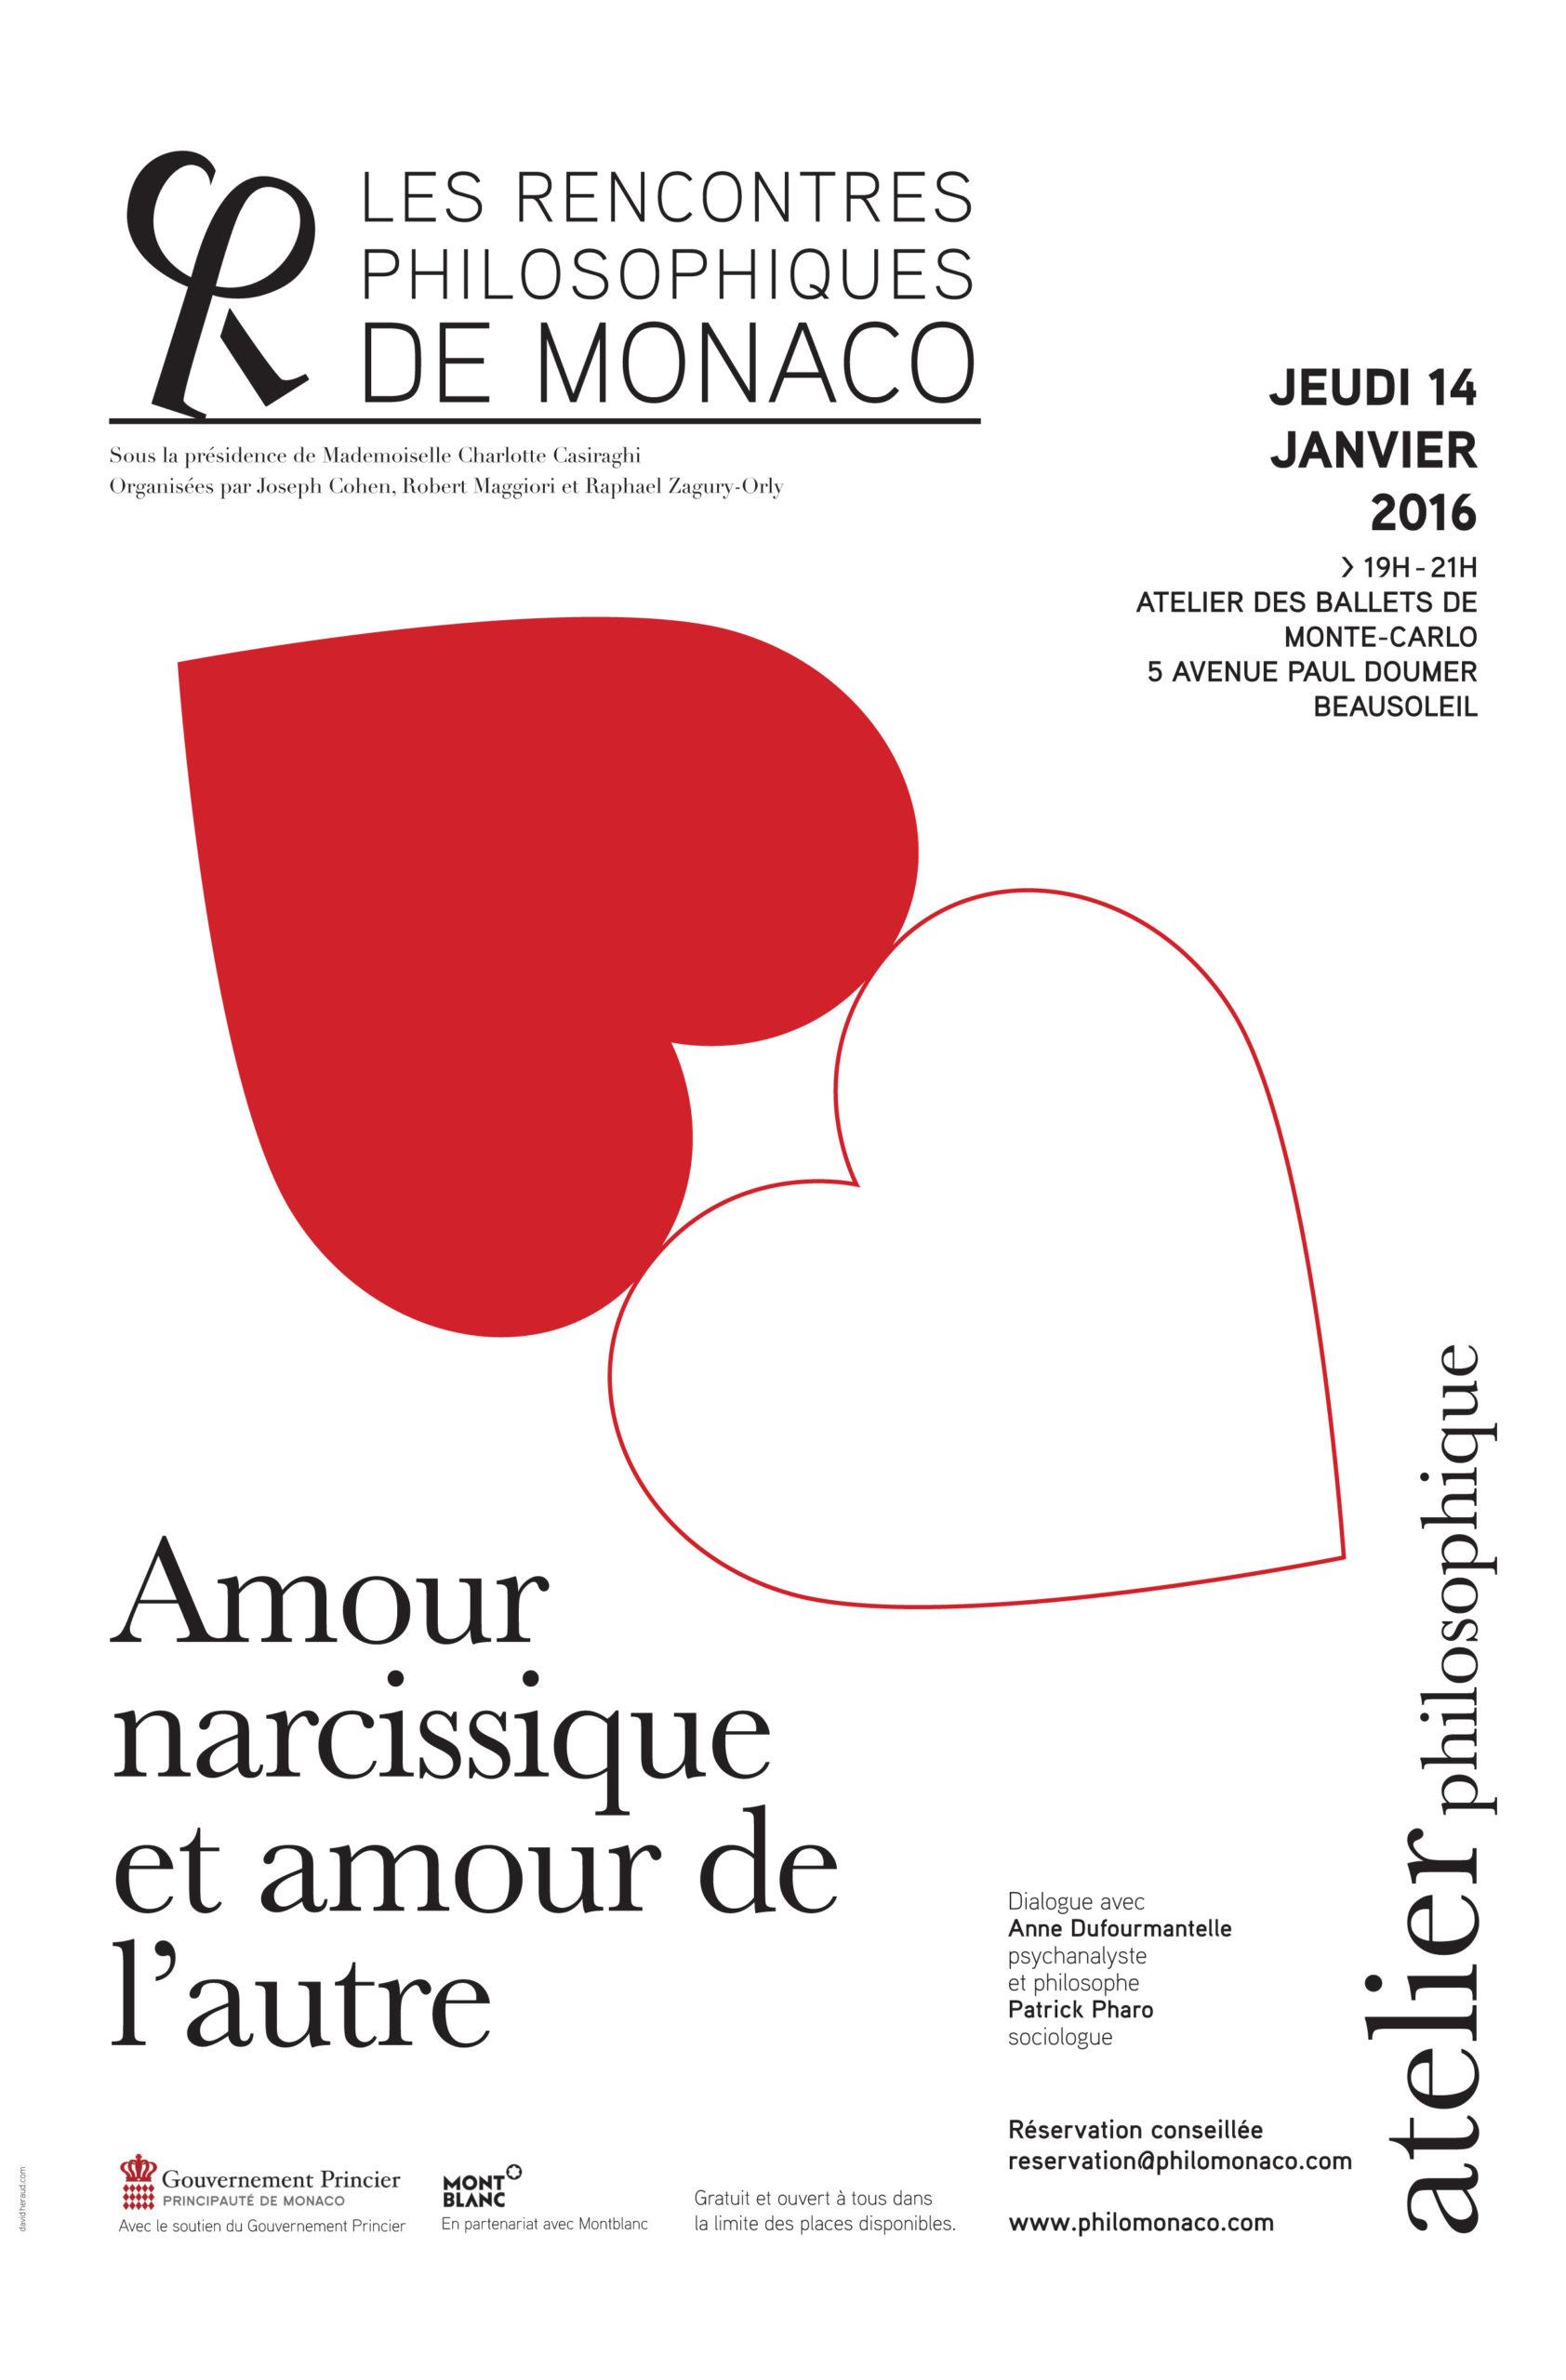 1173, 1173, Affiche 14 01 16, Affiche-14-01-16-scaled.jpg, 266177, https://philomonaco.com/wp-content/uploads/2017/02/Affiche-14-01-16-scaled.jpg, https://philomonaco.com/atelier/amour-narcissiqueet-amour-de-lautre/affiche-14-01-16/, , 2, , , affiche-14-01-16, inherit, 1162, 2017-02-20 16:14:57, 2017-02-20 16:15:00, 0, image/jpeg, image, jpeg, https://philomonaco.com/wp-includes/images/media/default.png, 2590, 3937, Array